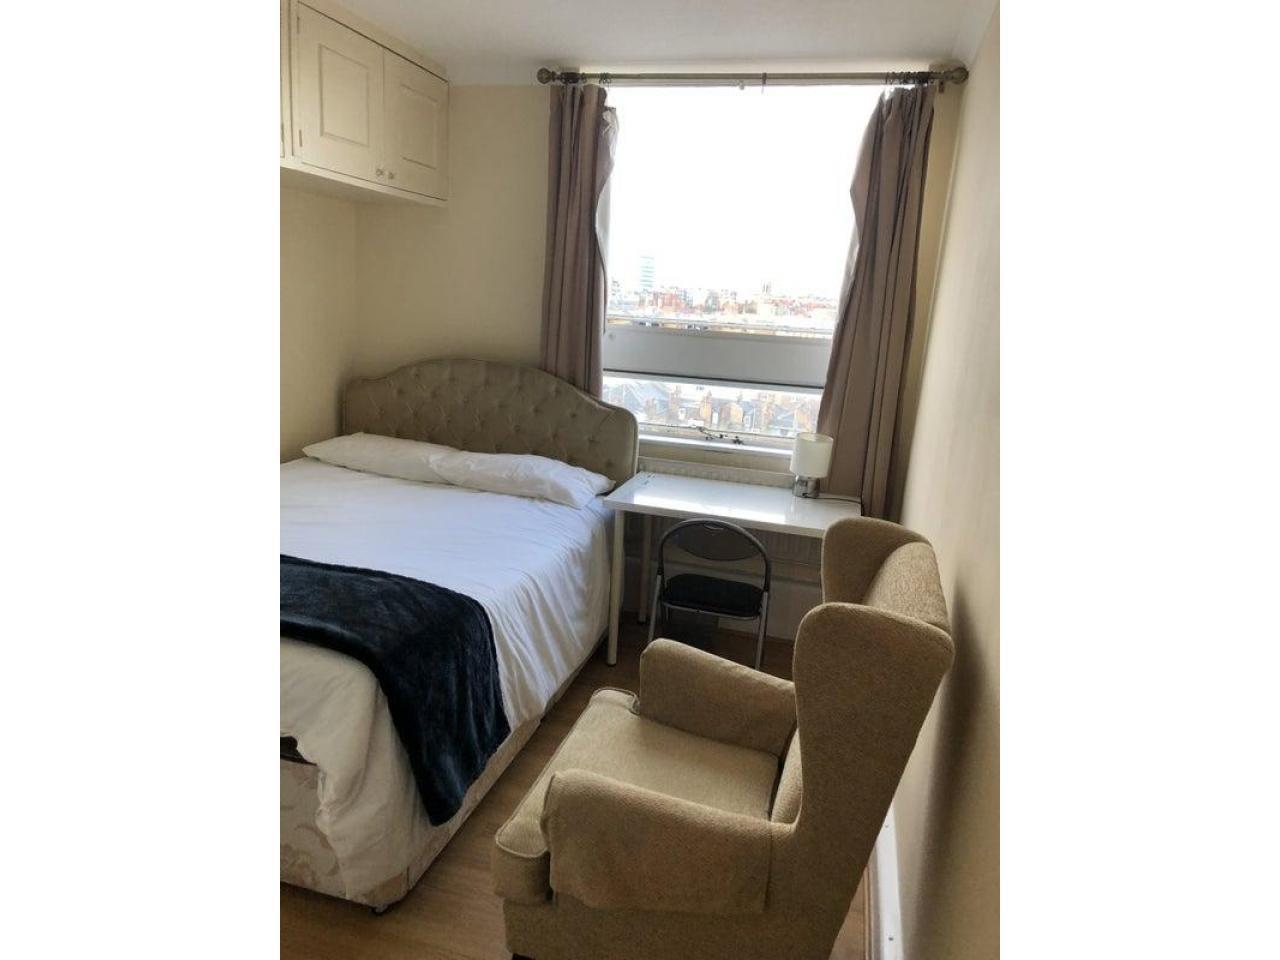 £185 Современная большая двухместная комната - 4